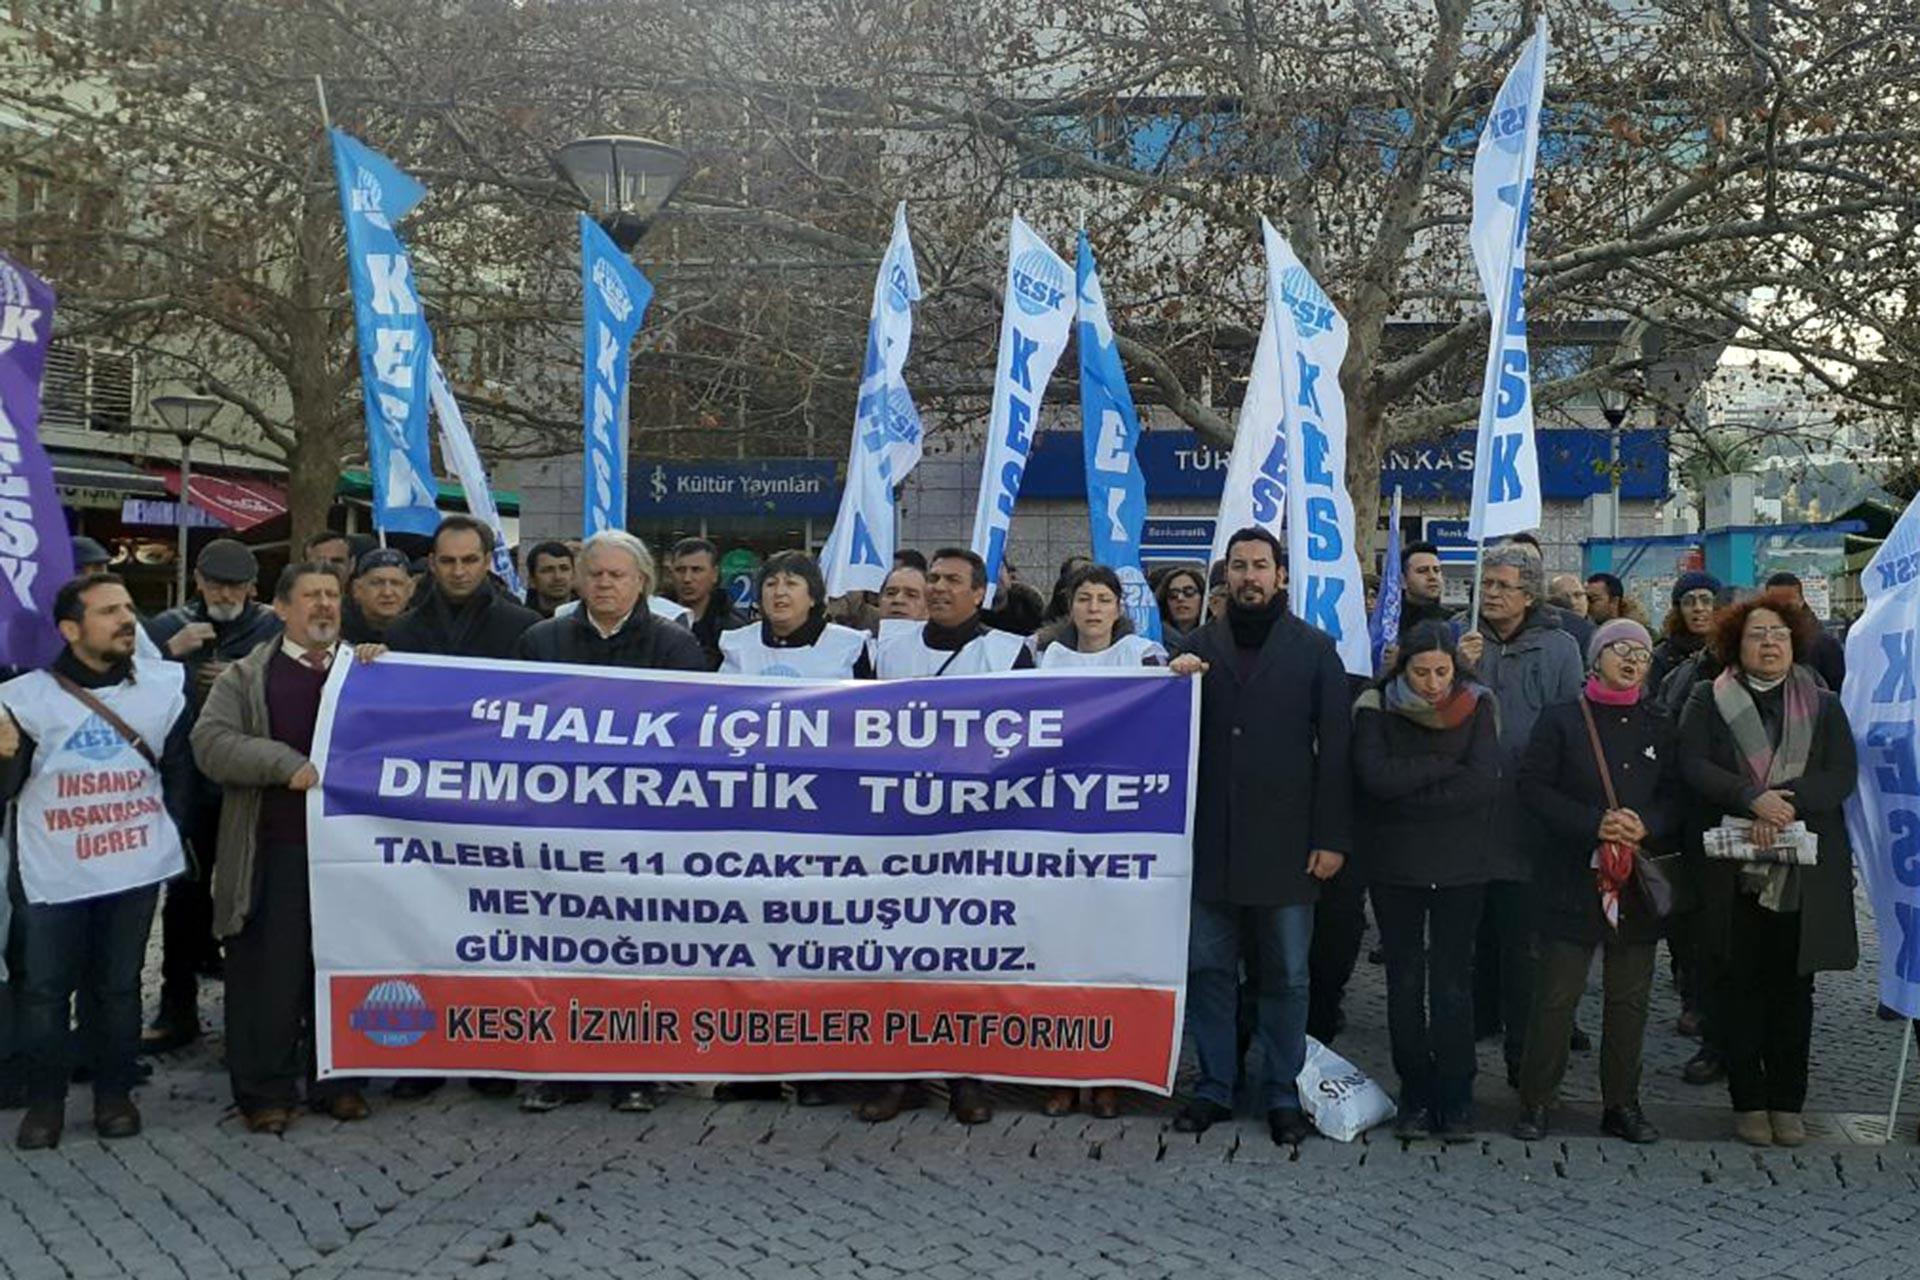 İzmir Emek ve Demokrasi Güçleri, KESK'in 11 Ocak'ta Gündoğdu Meydanı'nda yapacağı mitinge katılım çağrısı yaparken